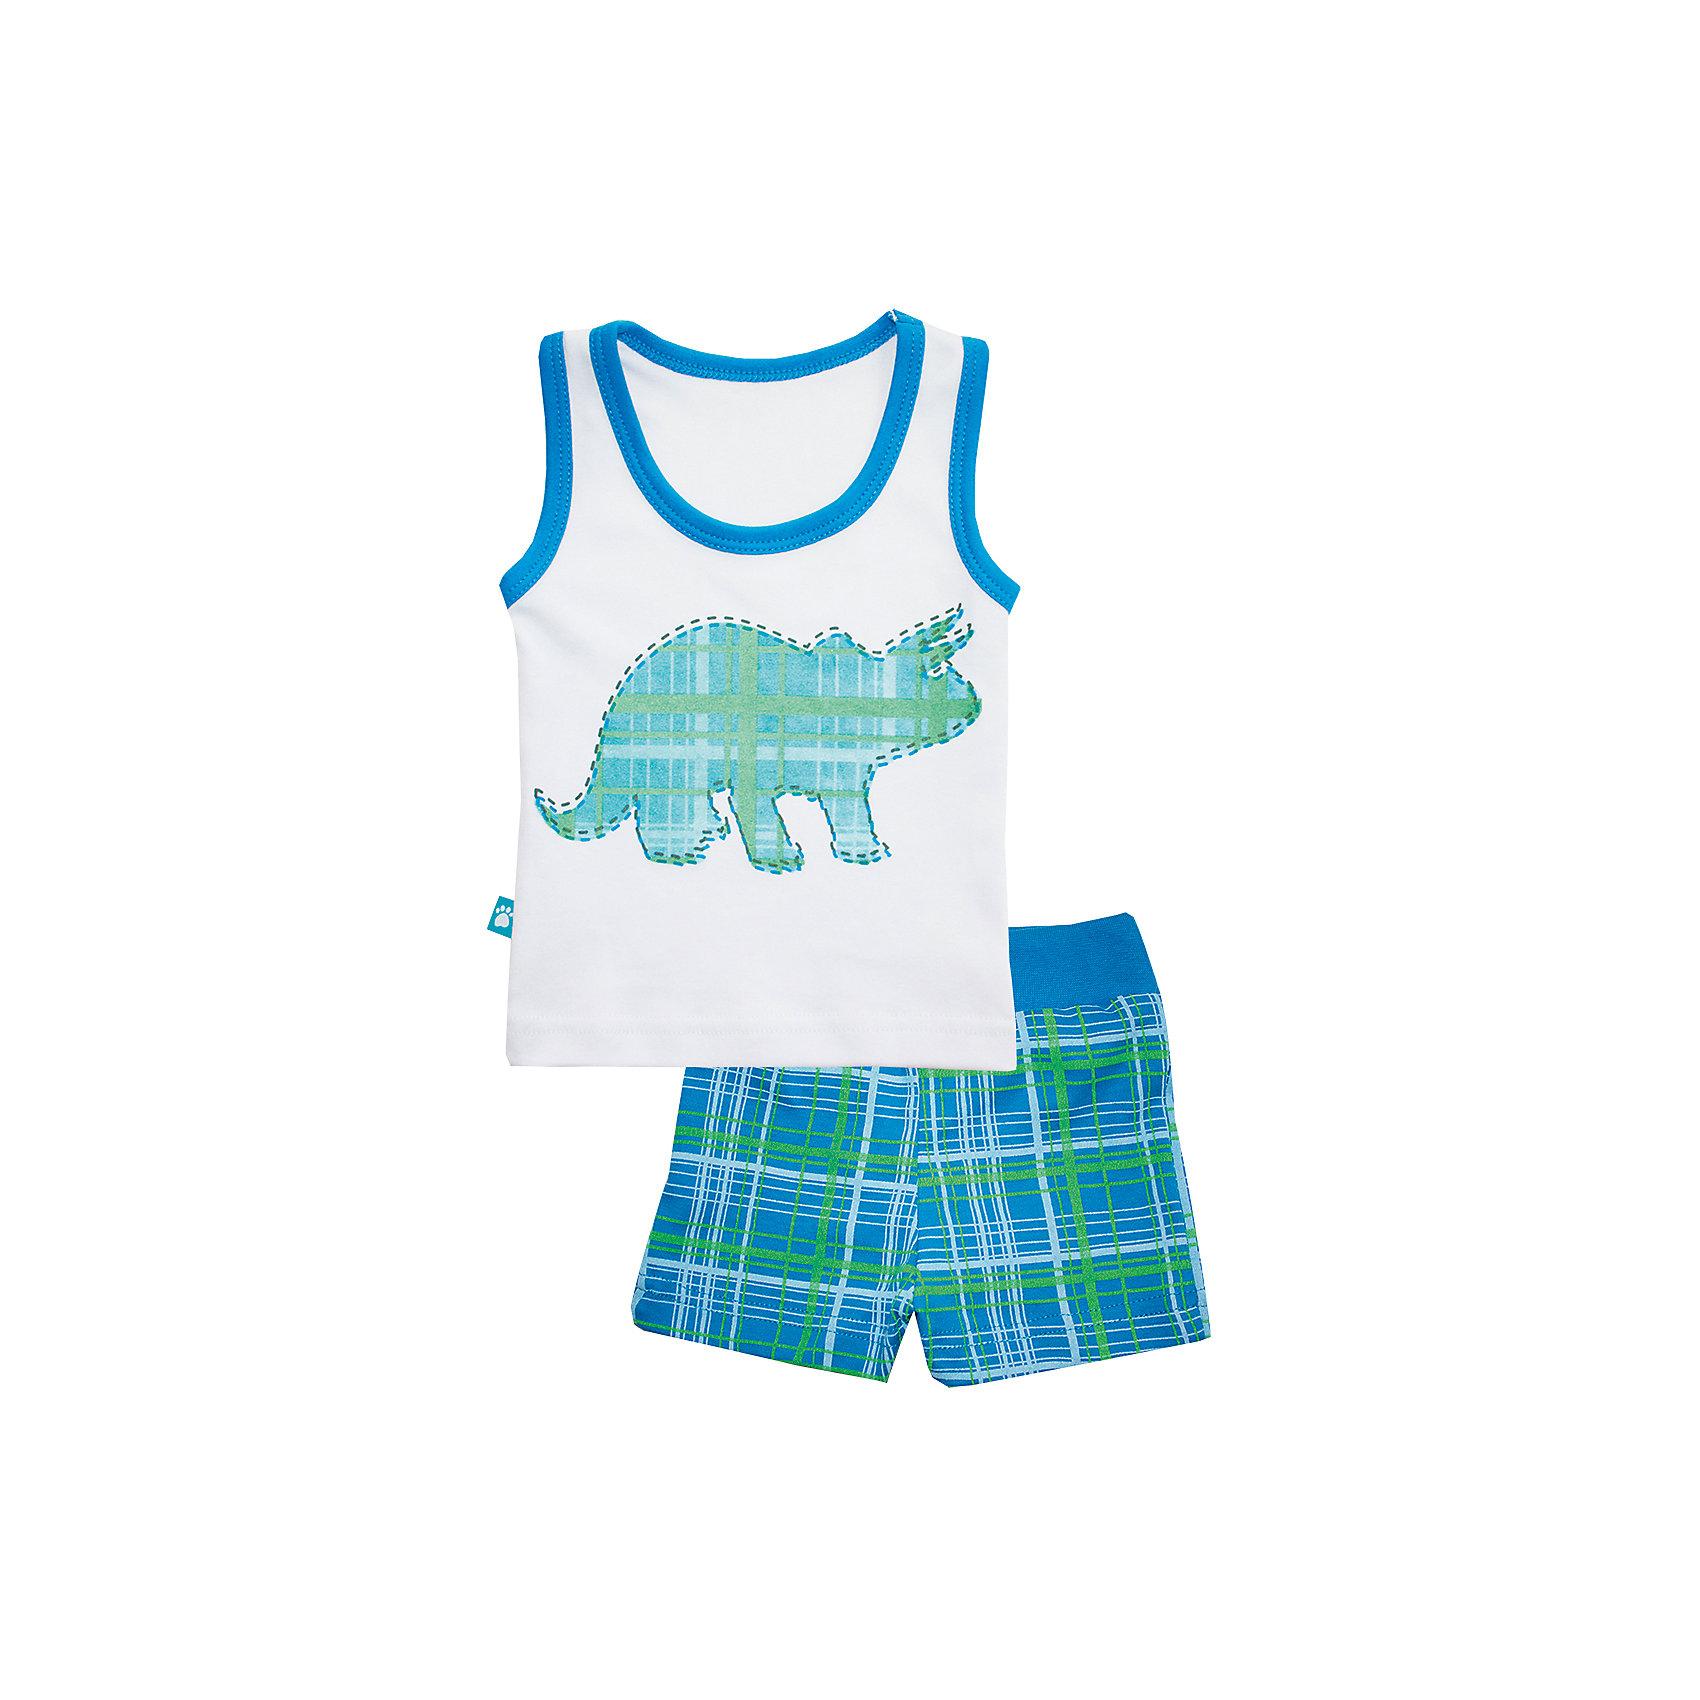 Пижама: майка и шорты для мальчика KotMarKotПижамы и сорочки<br>Пижама: майка и шорты для мальчика от известного бренда KotMarKot<br>Состав:<br>100% хлопок<br><br>Ширина мм: 281<br>Глубина мм: 70<br>Высота мм: 188<br>Вес г: 295<br>Цвет: белый<br>Возраст от месяцев: 18<br>Возраст до месяцев: 24<br>Пол: Мужской<br>Возраст: Детский<br>Размер: 92,134,98,110,116,122,128<br>SKU: 5069362